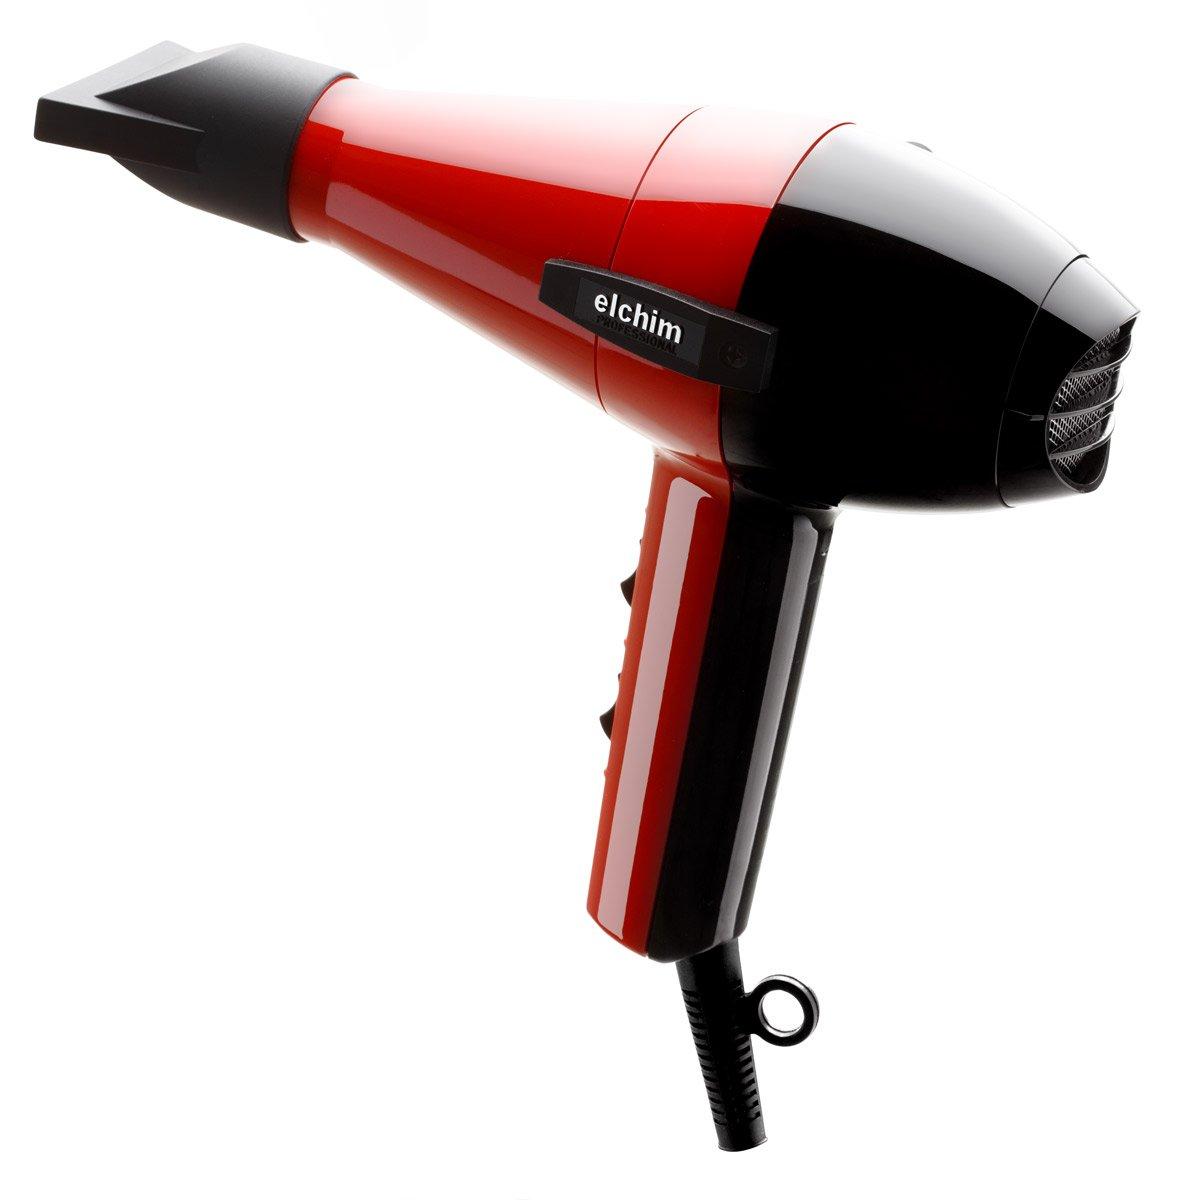 Elchim 2001 - Secador de pelo, 2000 W, color rojo y negro: Amazon.es: Belleza